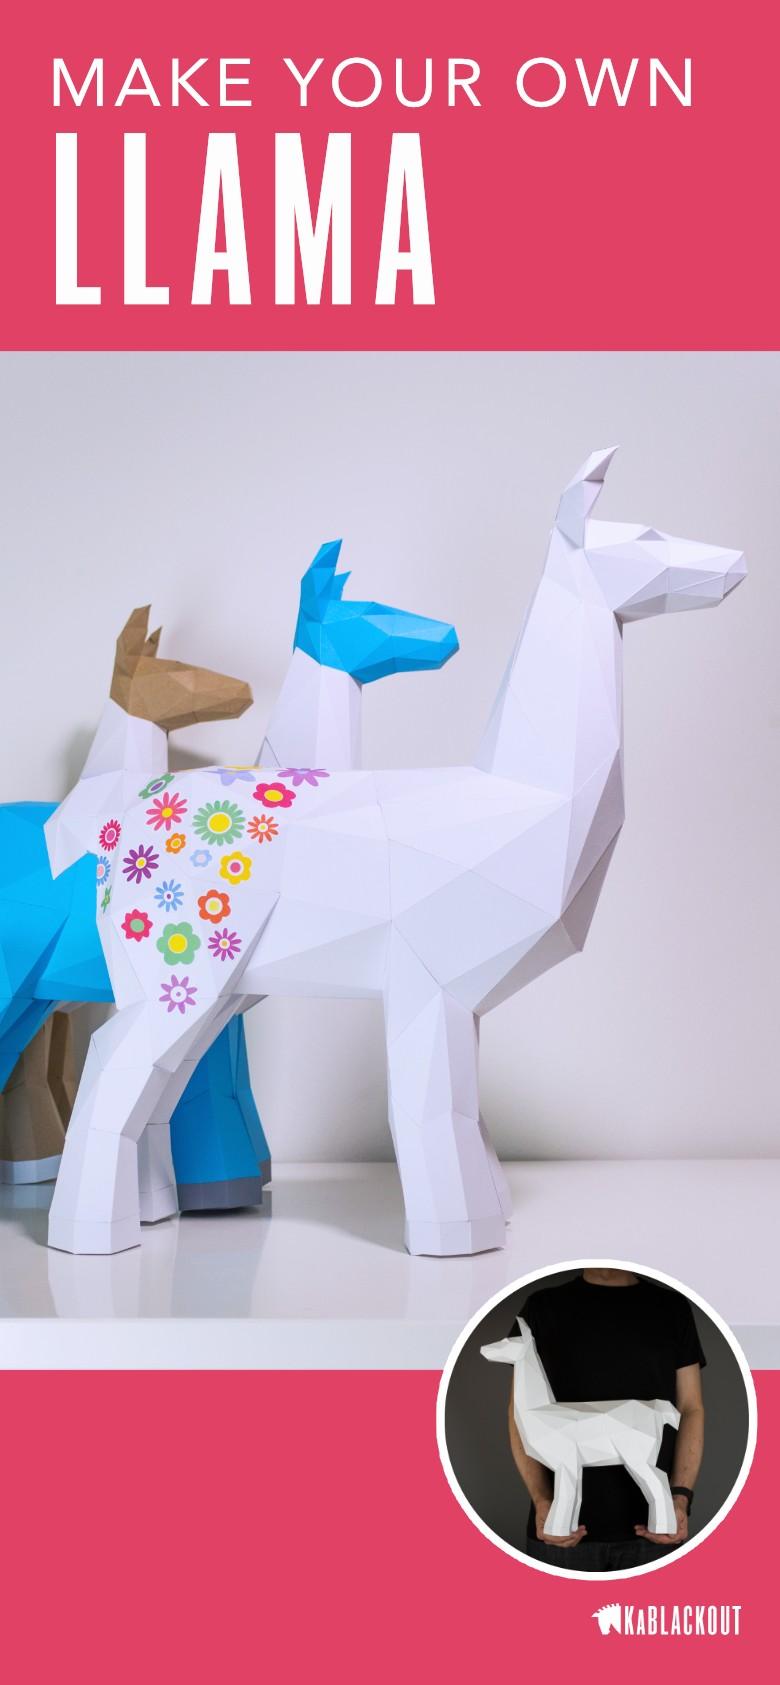 Scooby Doo Papercraft Llama Papercraft Low Poly Llama Paper Llama Craft Llama Lover